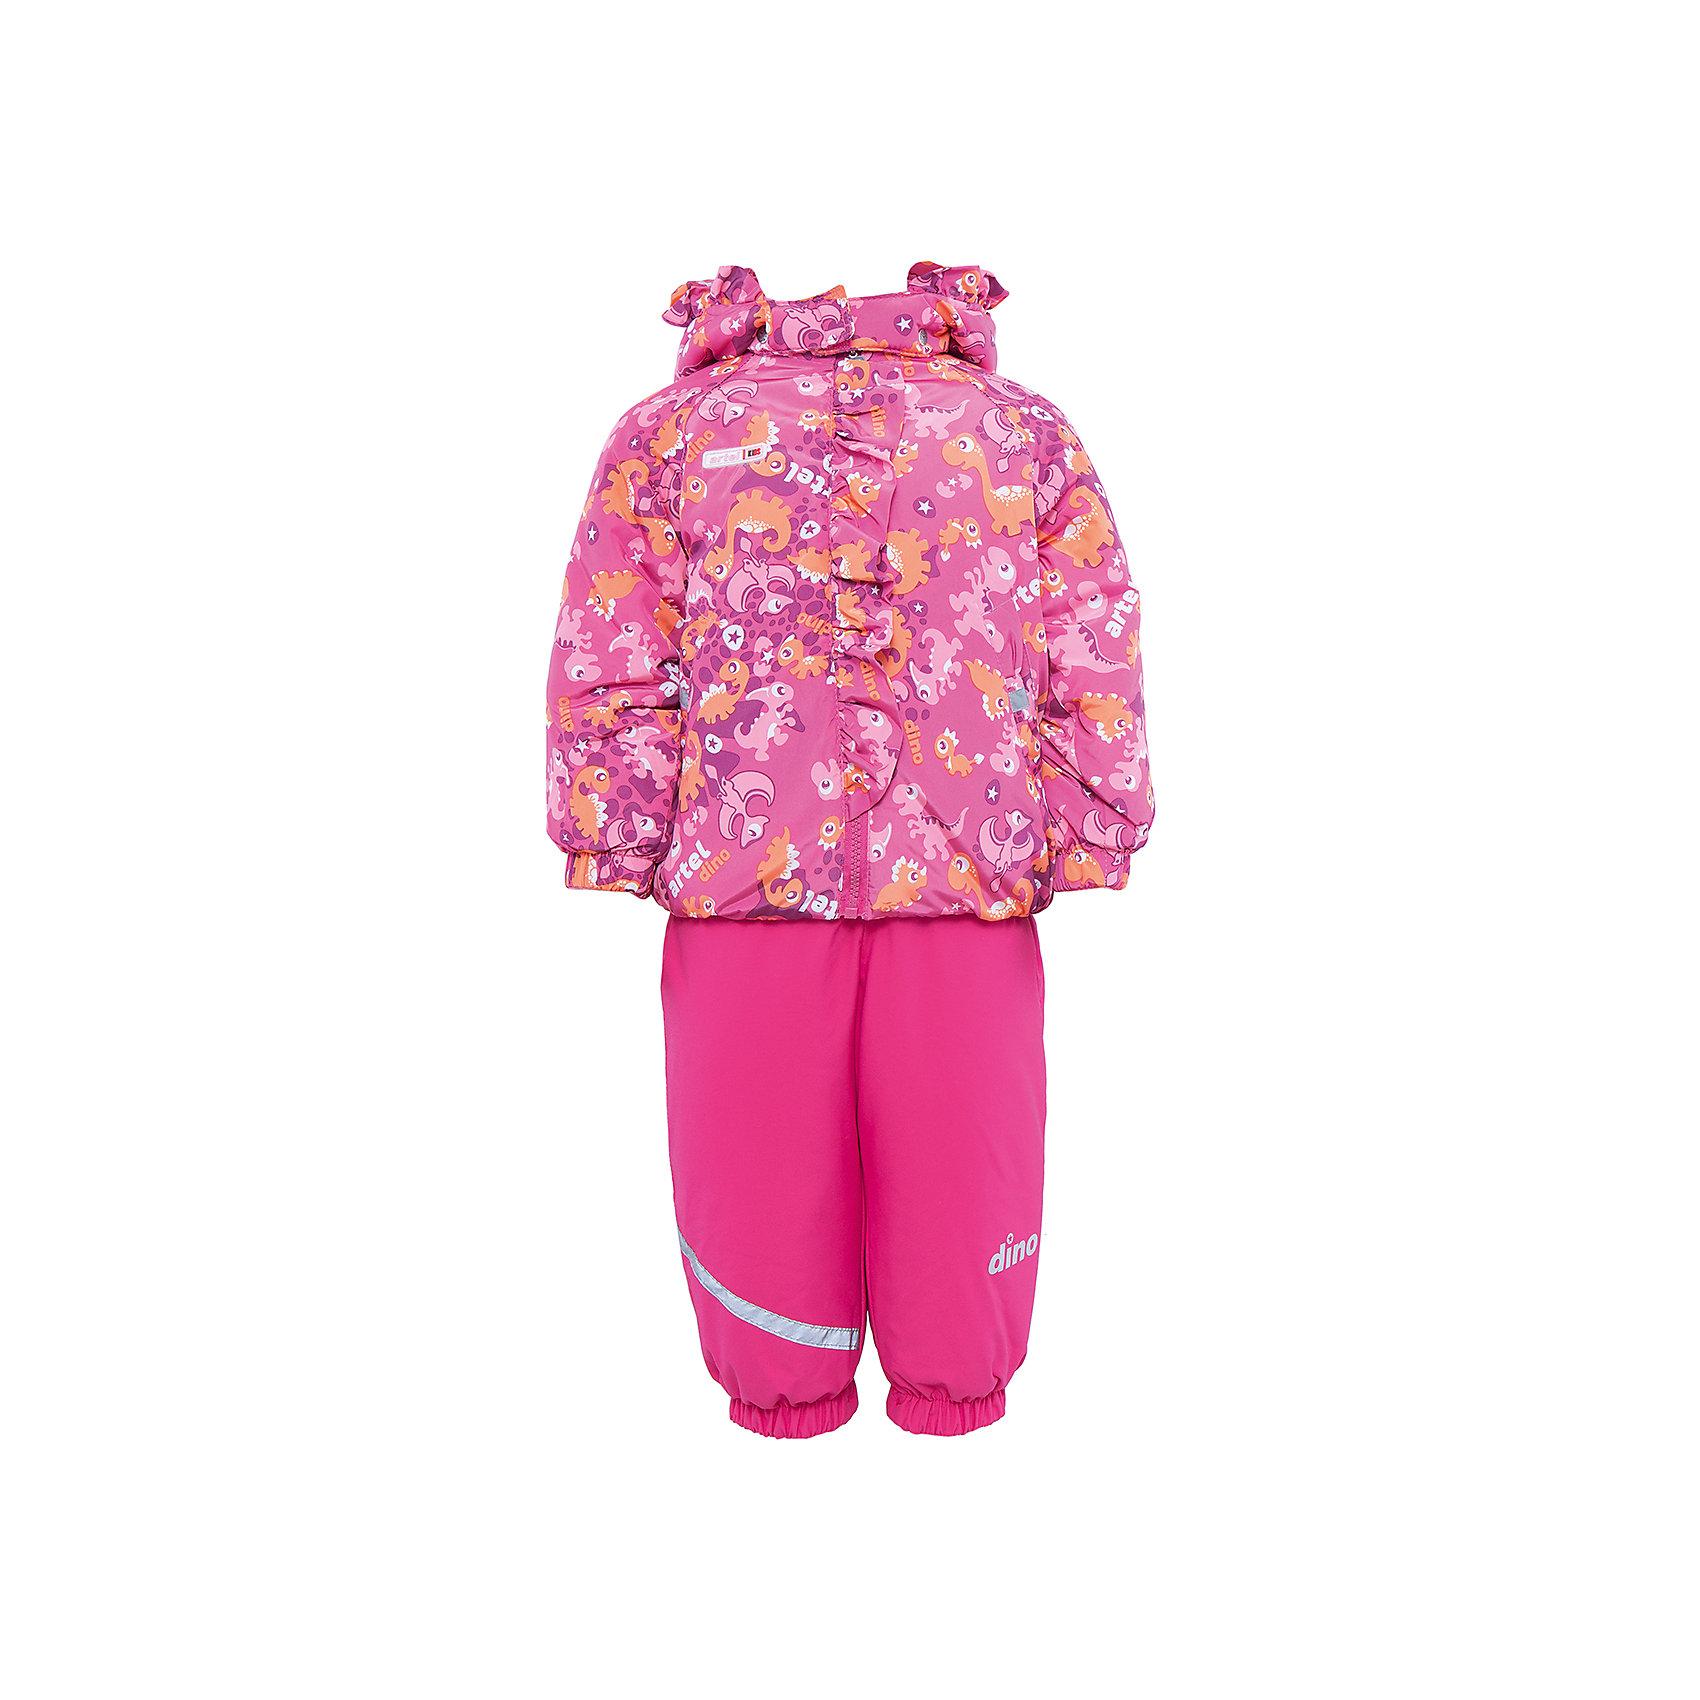 Комплект: куртка и полукомбинезон АртельВерхняя одежда<br>Комплект: куртка и полукомбинезон от известного бренда Артель<br>Комплект на современном утеплителеиз мембранной ткани, позволит малышу долго гулять даже в самую слякотную погоду, кататься с мокрых горок и не промокнуть. Куртка выполнена из ткани с оригинальным принтом динозавриков. Центральный замок на молнию прикрыт декоративной планкой-рюшей. Функцию дополнительной защиты от ветра выполняют: глубокий капюшон с резинкой по краю, кулиска с резинкой по низу куртки и резинка с флисовой внутренней вставкой на рукавах. У полукомбинезона регулируется длина бретелек. По низу штанишек расположены штрипки, которые фиксируются на сапожках, удерживают штанину от задирания и обеспечивают дополнительную защиту от скольжения. Сзади, по линии талии, для дополнительной фиксации, расположена резинка.<br>Состав:<br>Верх: КВ-703<br>Подкладка: интерлок, ПЭ<br>Утеплитель: термофин 200гр<br><br>Ширина мм: 215<br>Глубина мм: 88<br>Высота мм: 191<br>Вес г: 336<br>Цвет: розовый<br>Возраст от месяцев: 12<br>Возраст до месяцев: 15<br>Пол: Женский<br>Возраст: Детский<br>Размер: 80,98,92,104,110,86<br>SKU: 4963907